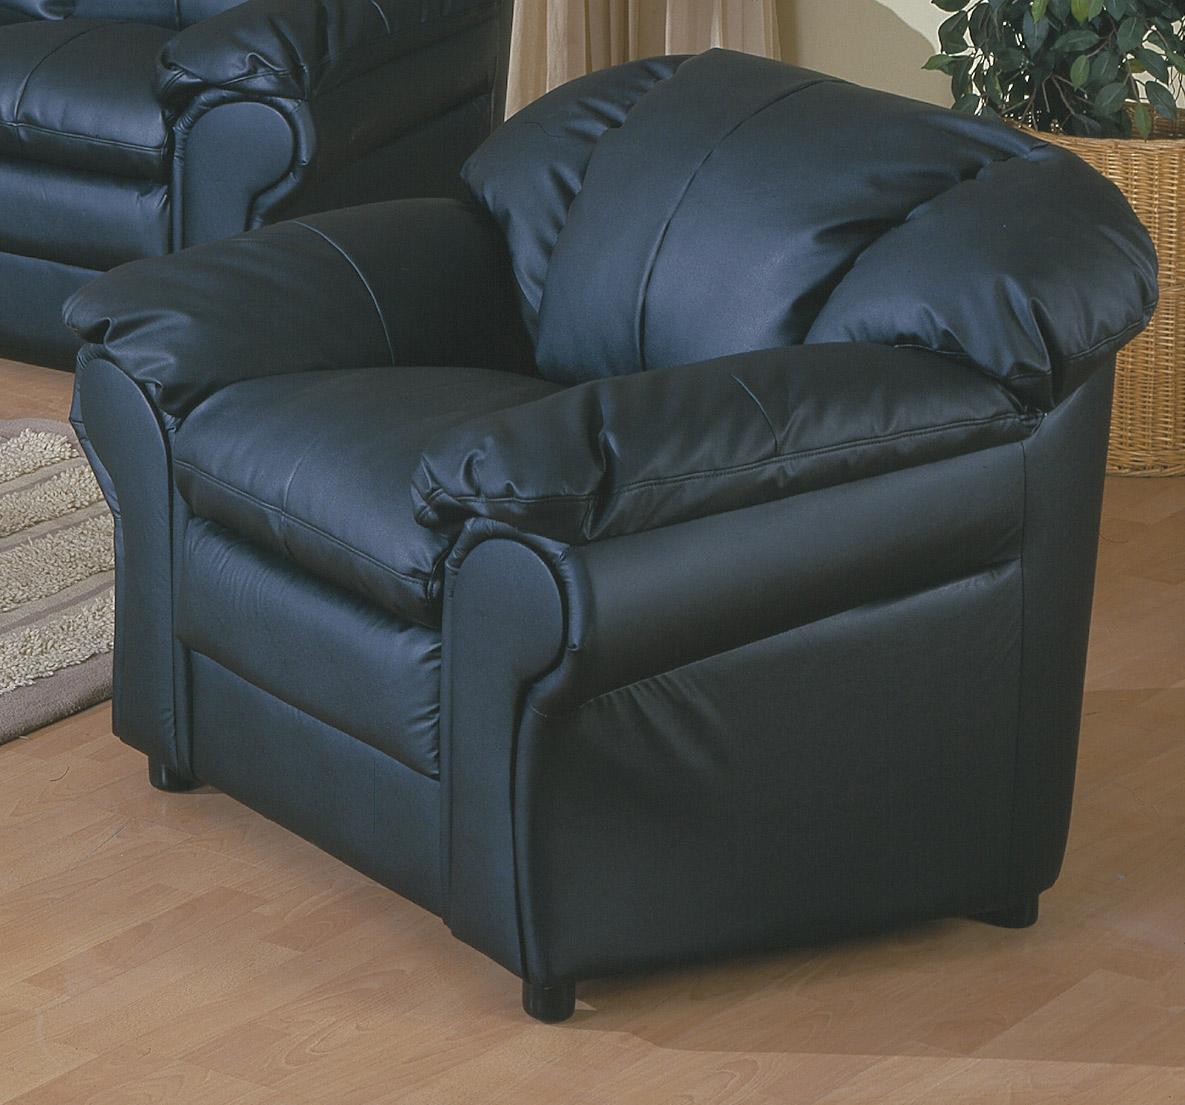 Homelegance ONeill Chair Black